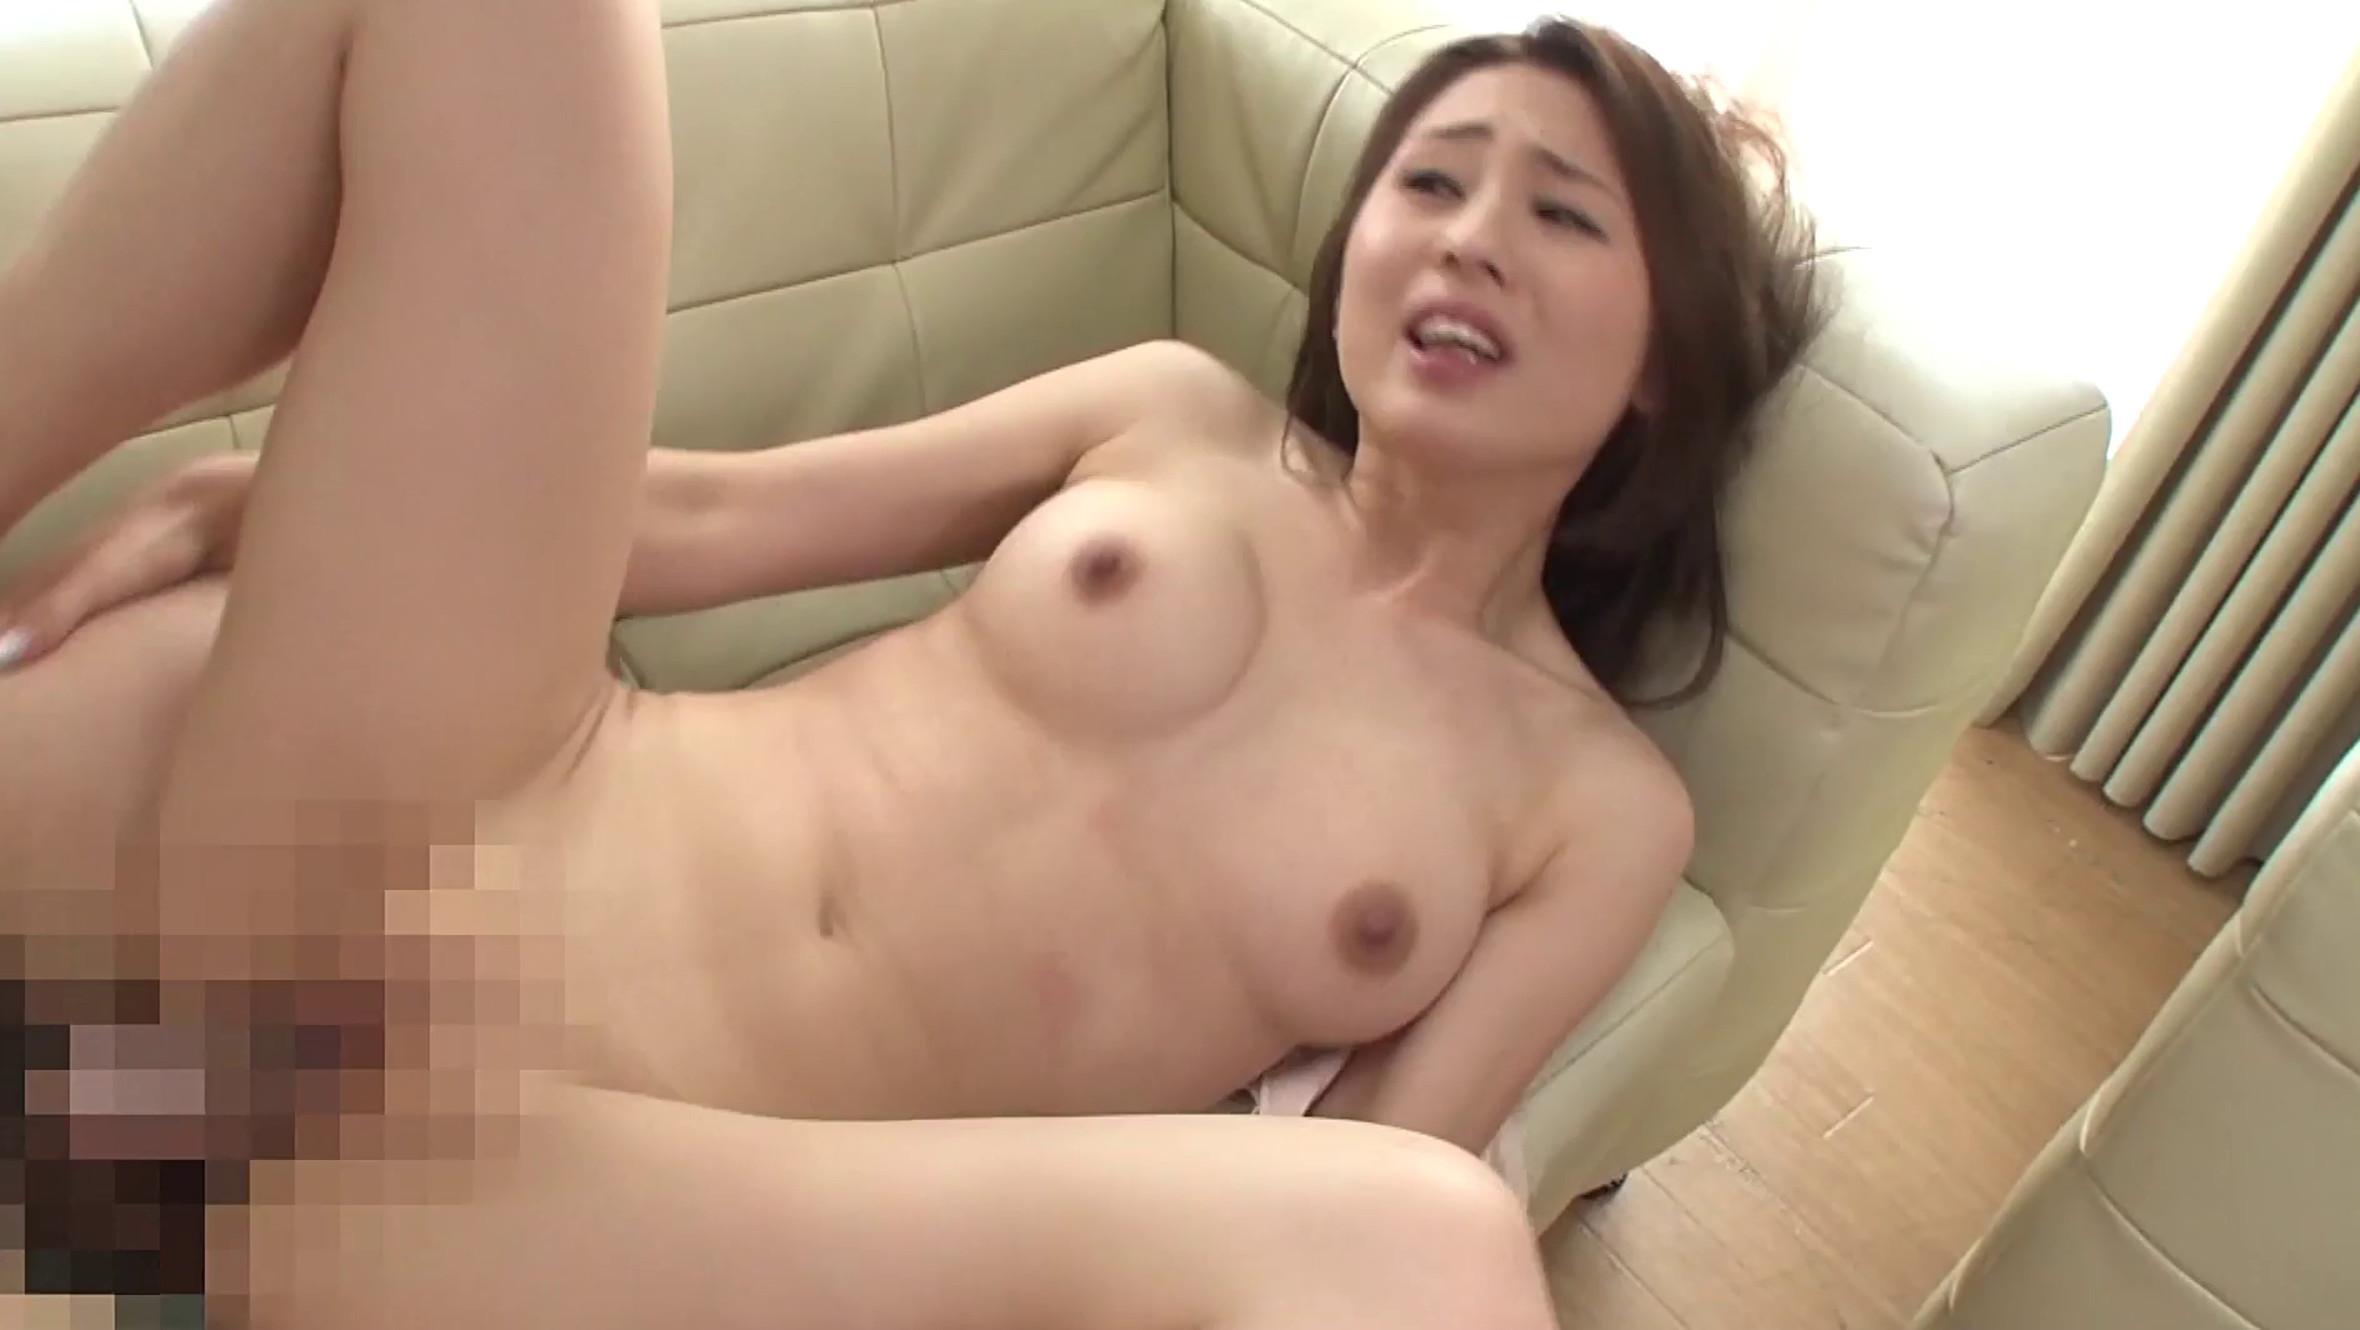 美しい義母が義息とソファで正常位SEXをしている場面